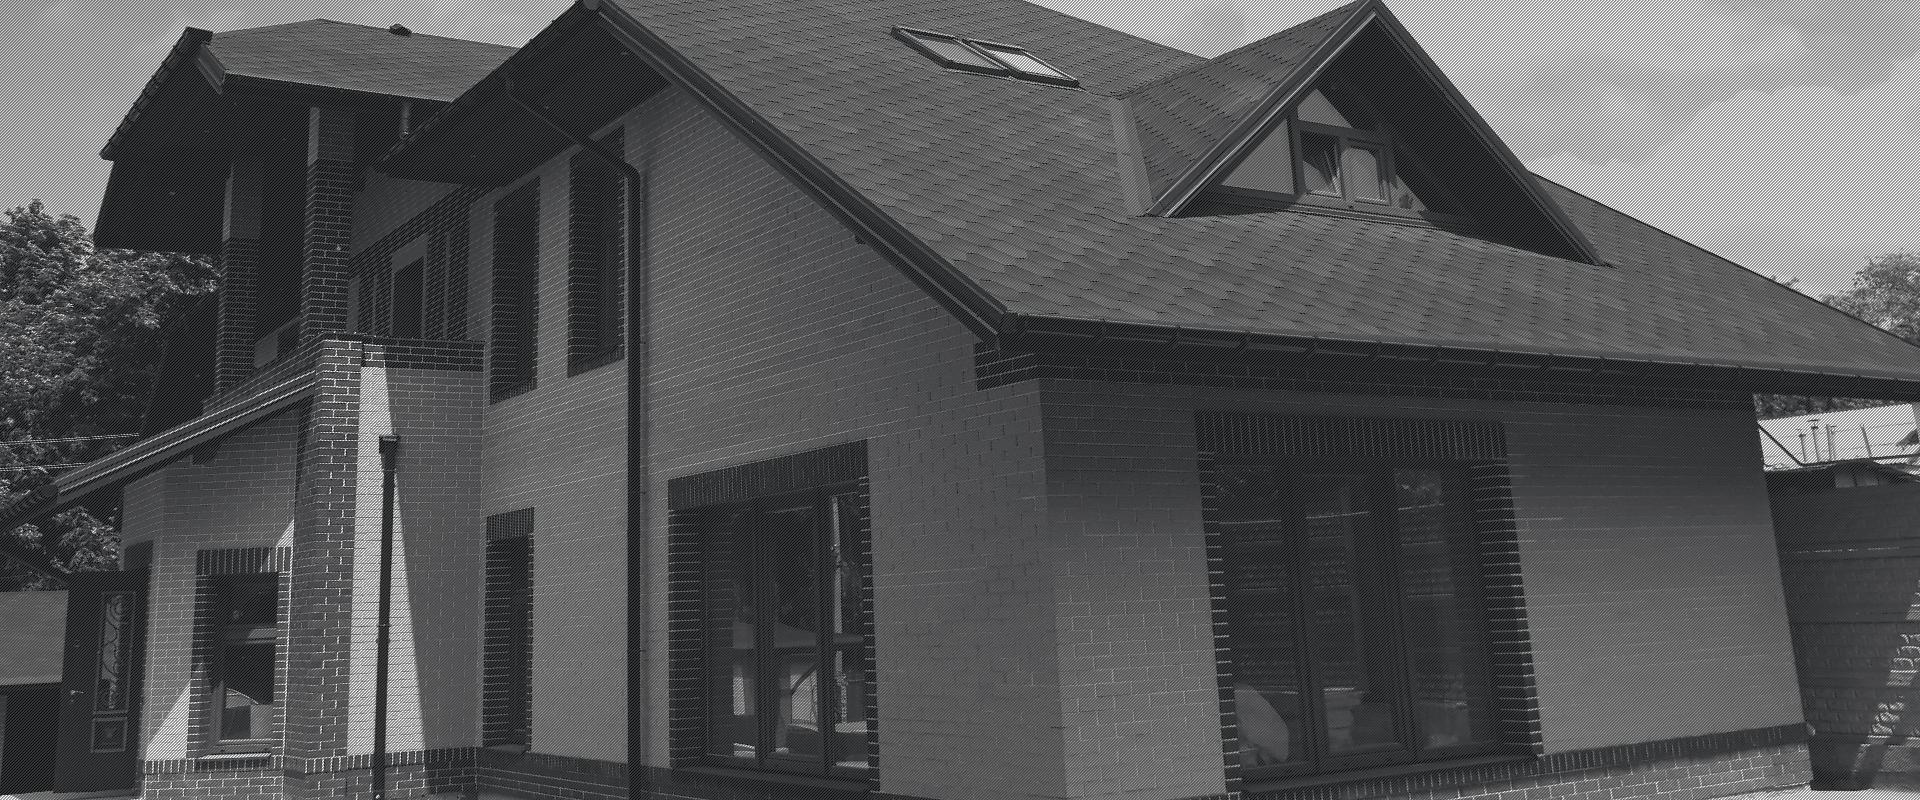 Монтаж вікон SCHUCO та черепиці KATEPAL. Запоріжжя, 2017